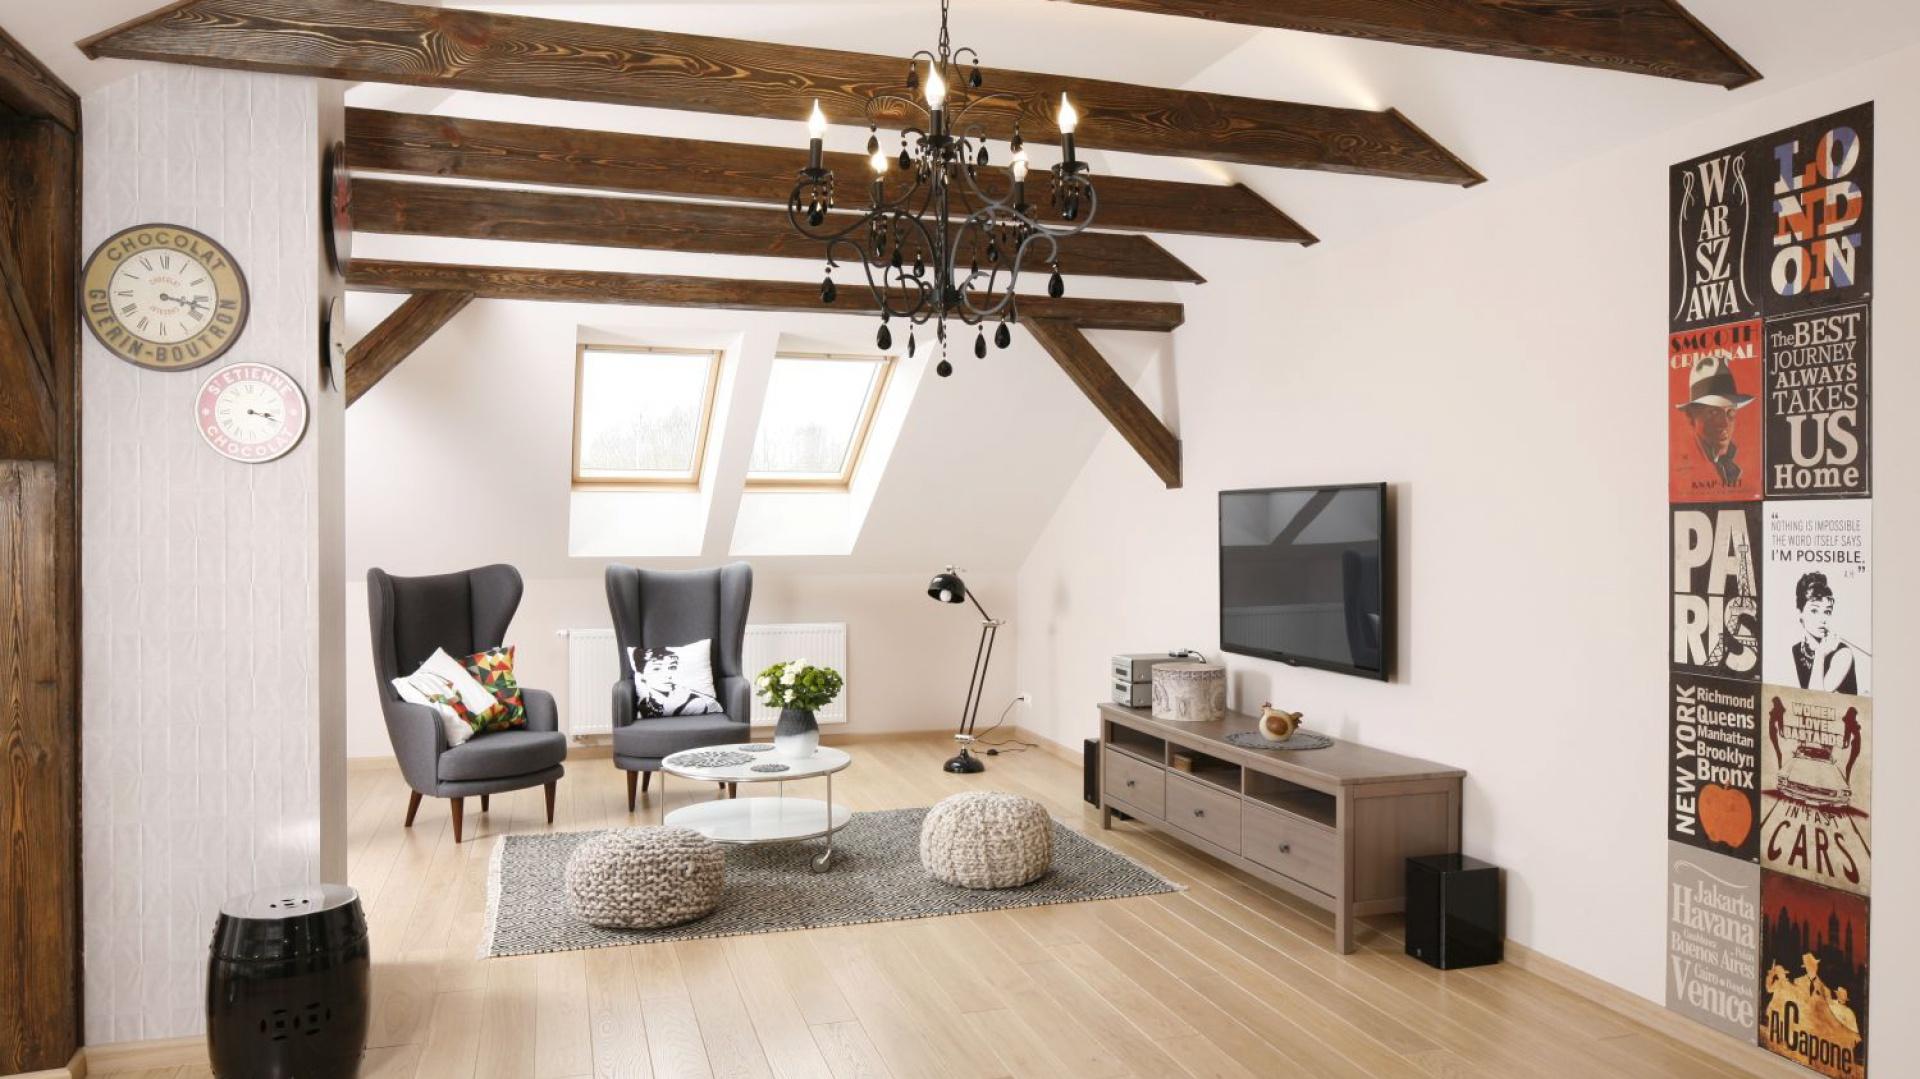 Mieszkanie urządzono w jasnych kolorach, ocieplonych wizualnie naturalnym drewnem. Projekt: Piotr Stanisz. Fot. Bartosz Jarosz.